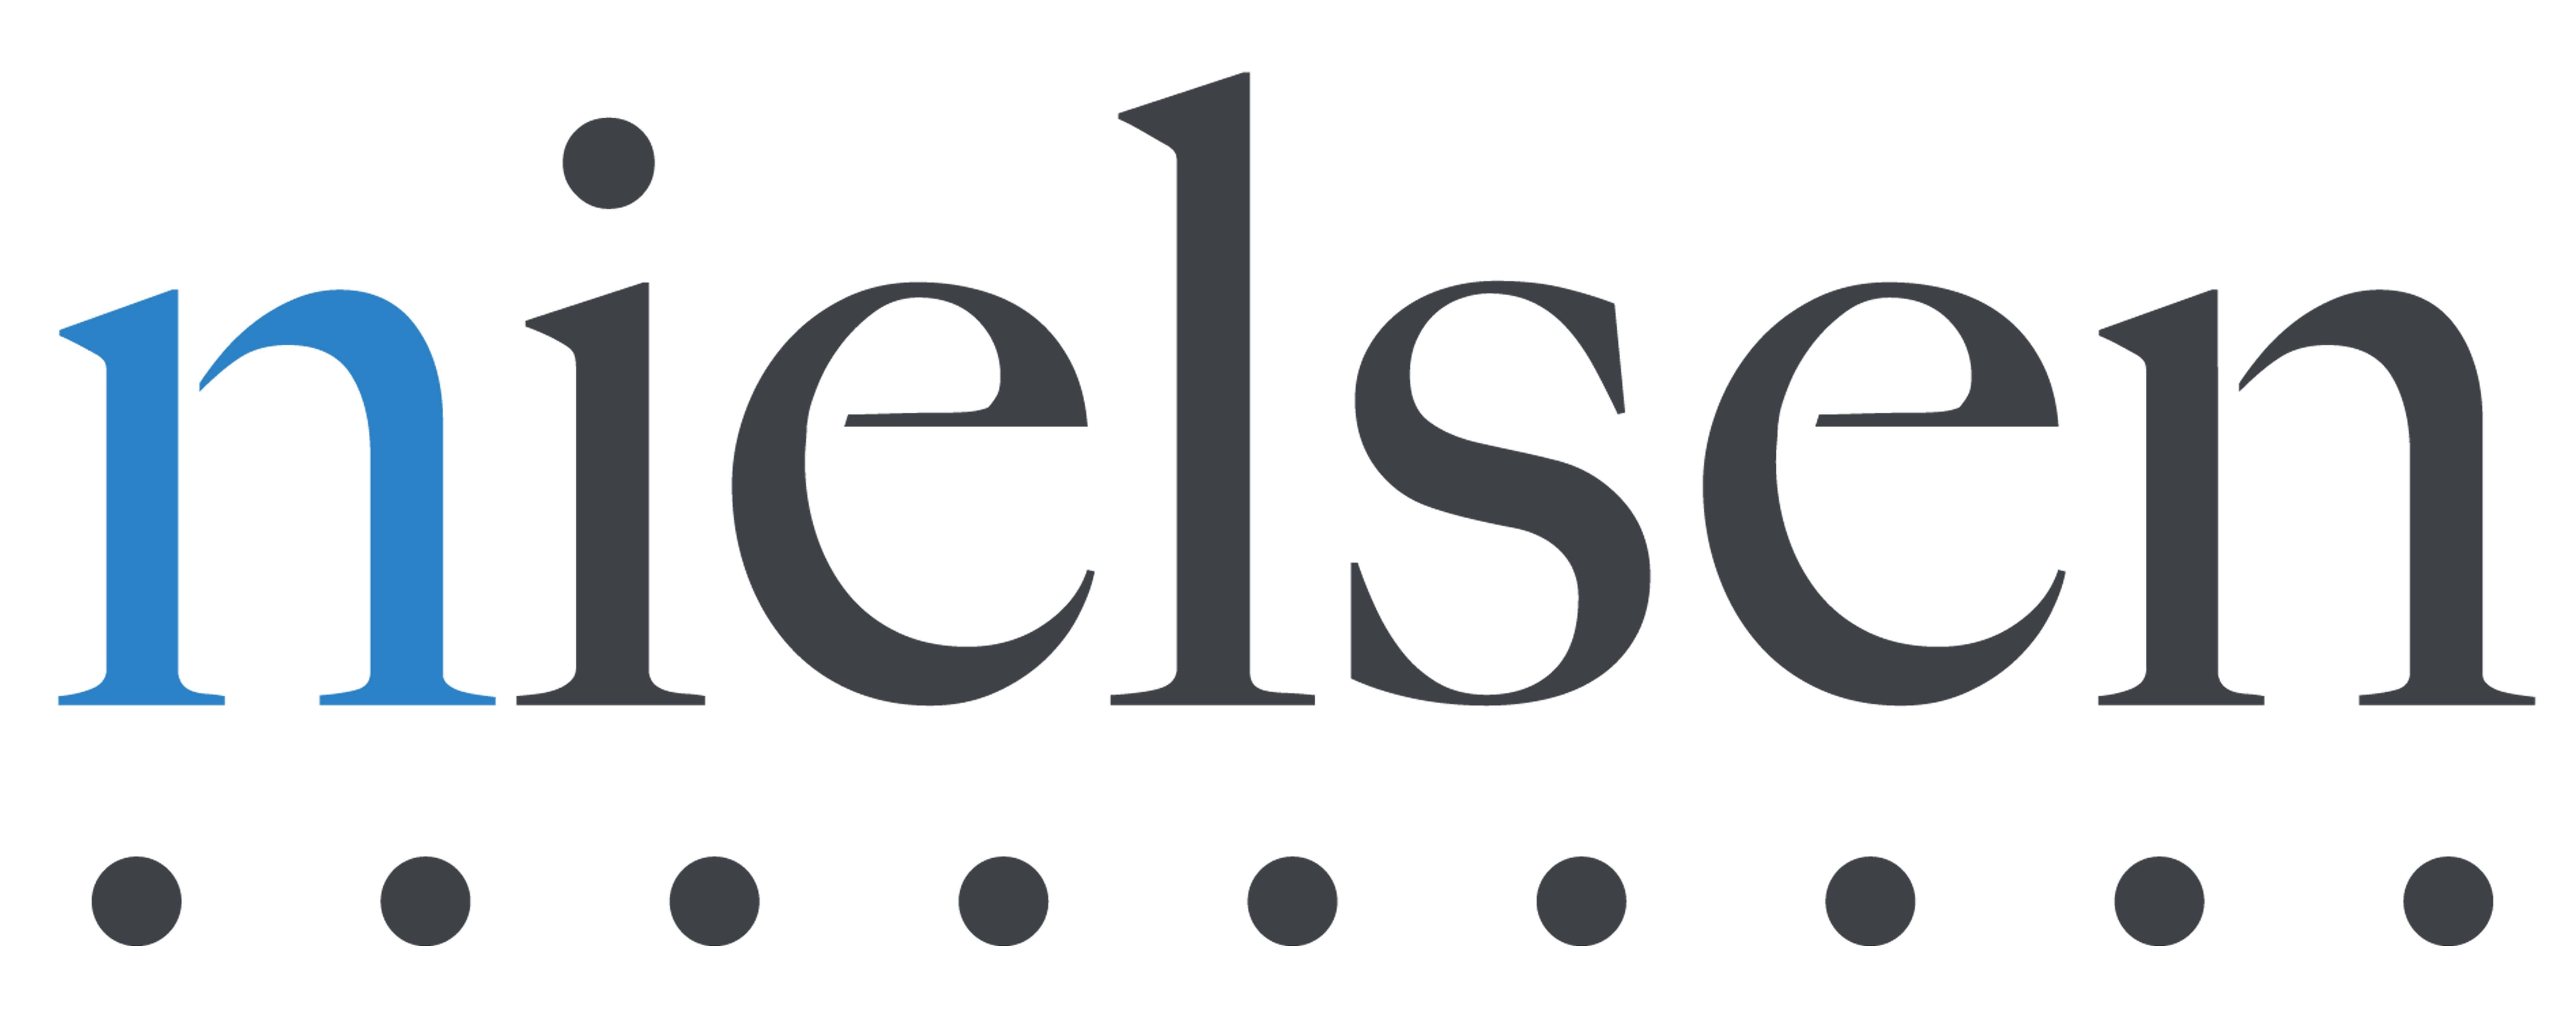 Önümüzdeki Dönemde Nielsen Medya'nın Önceliği Radyo, Dijital ve Spor Olacak